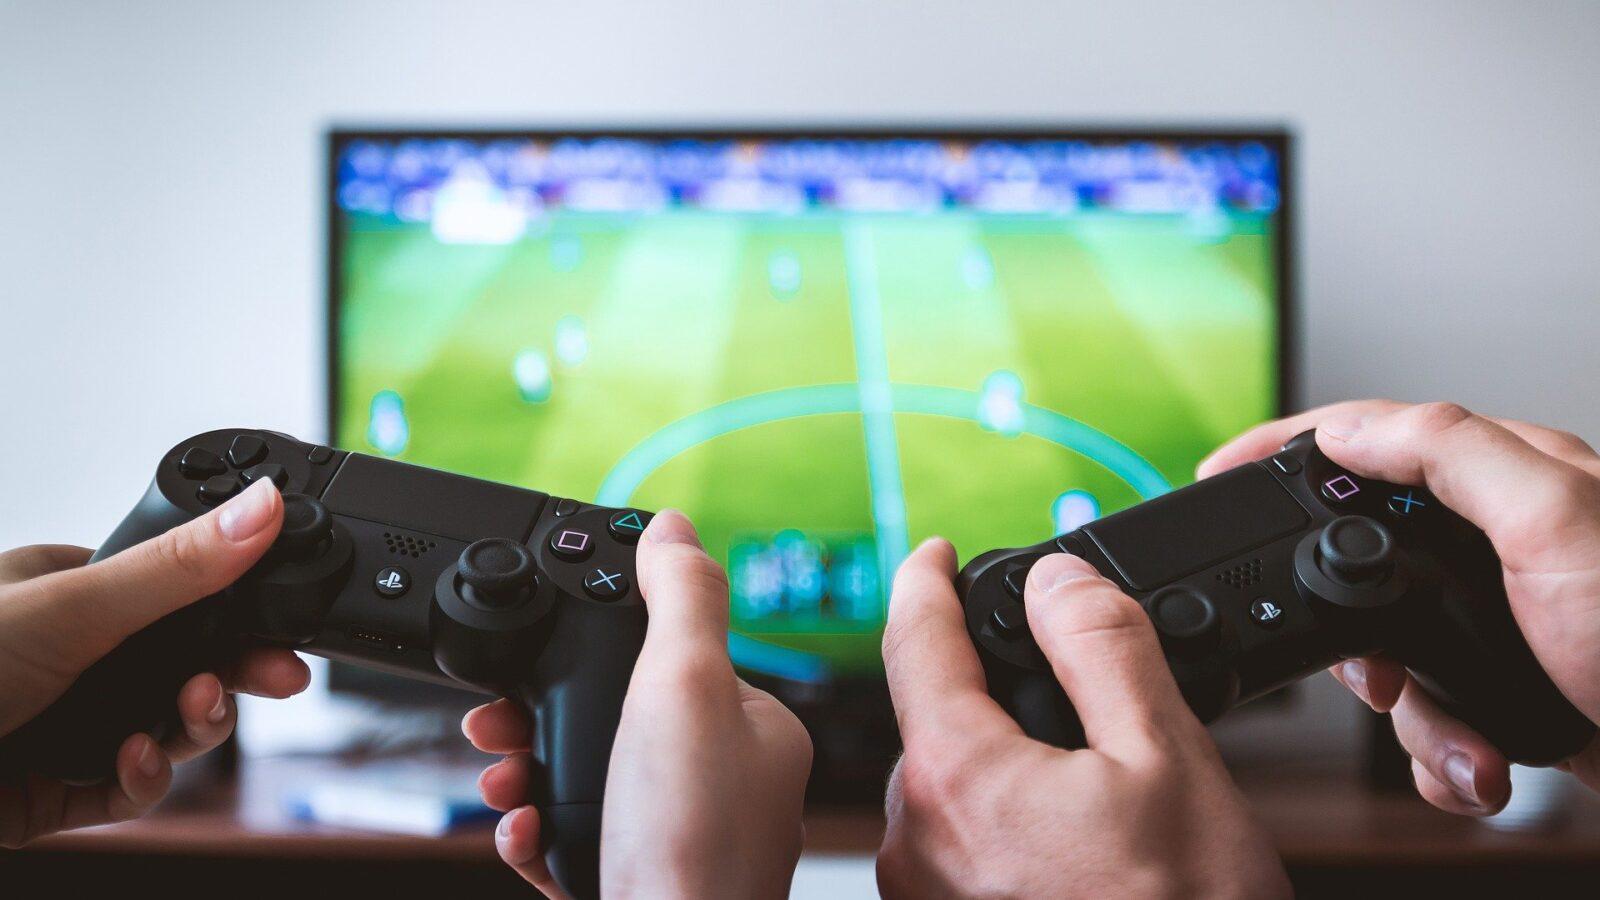 GAMEVENTION: Stream #DIGI1